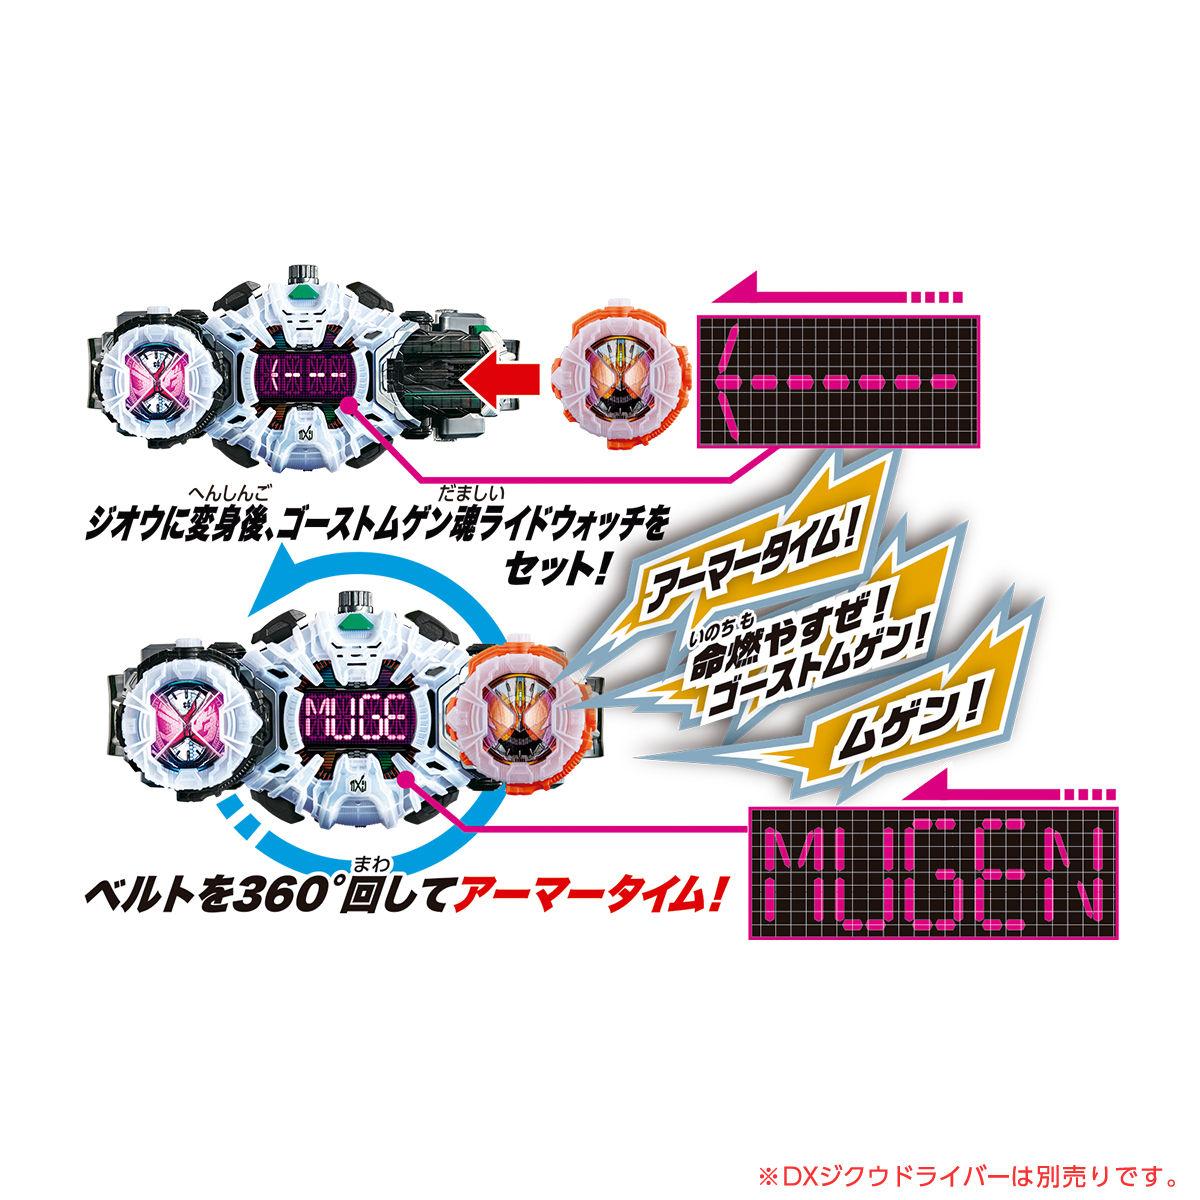 仮面ライダージオウ『DXゴーストムゲン魂ライドウォッチ』変身なりきり-006